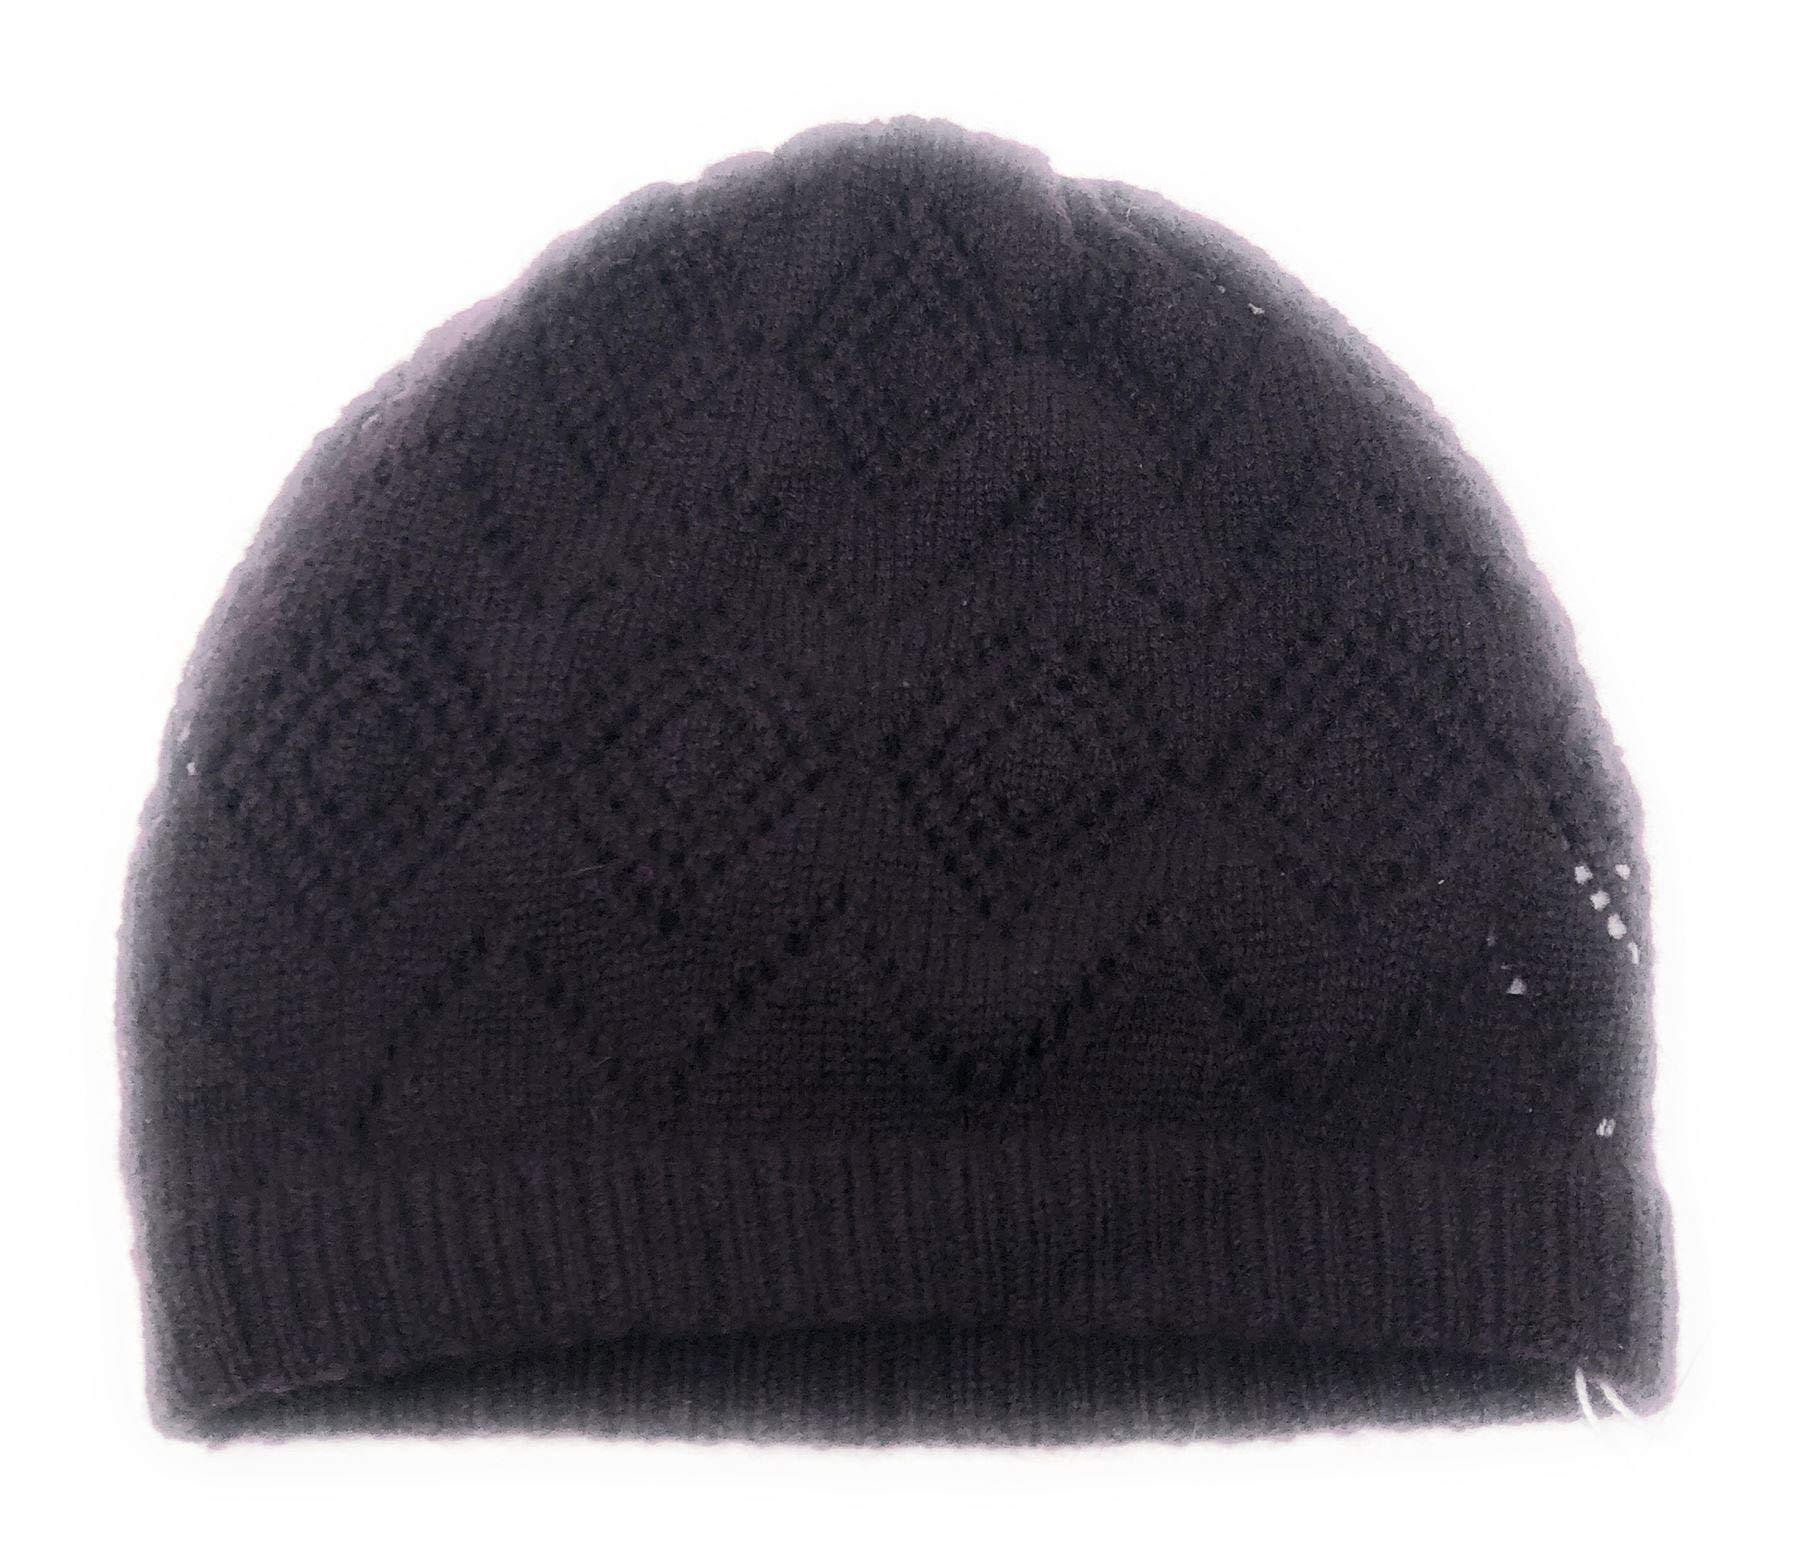 100% Cashmere Ladies Lacy Knit Beanie Hat - Plum Purple